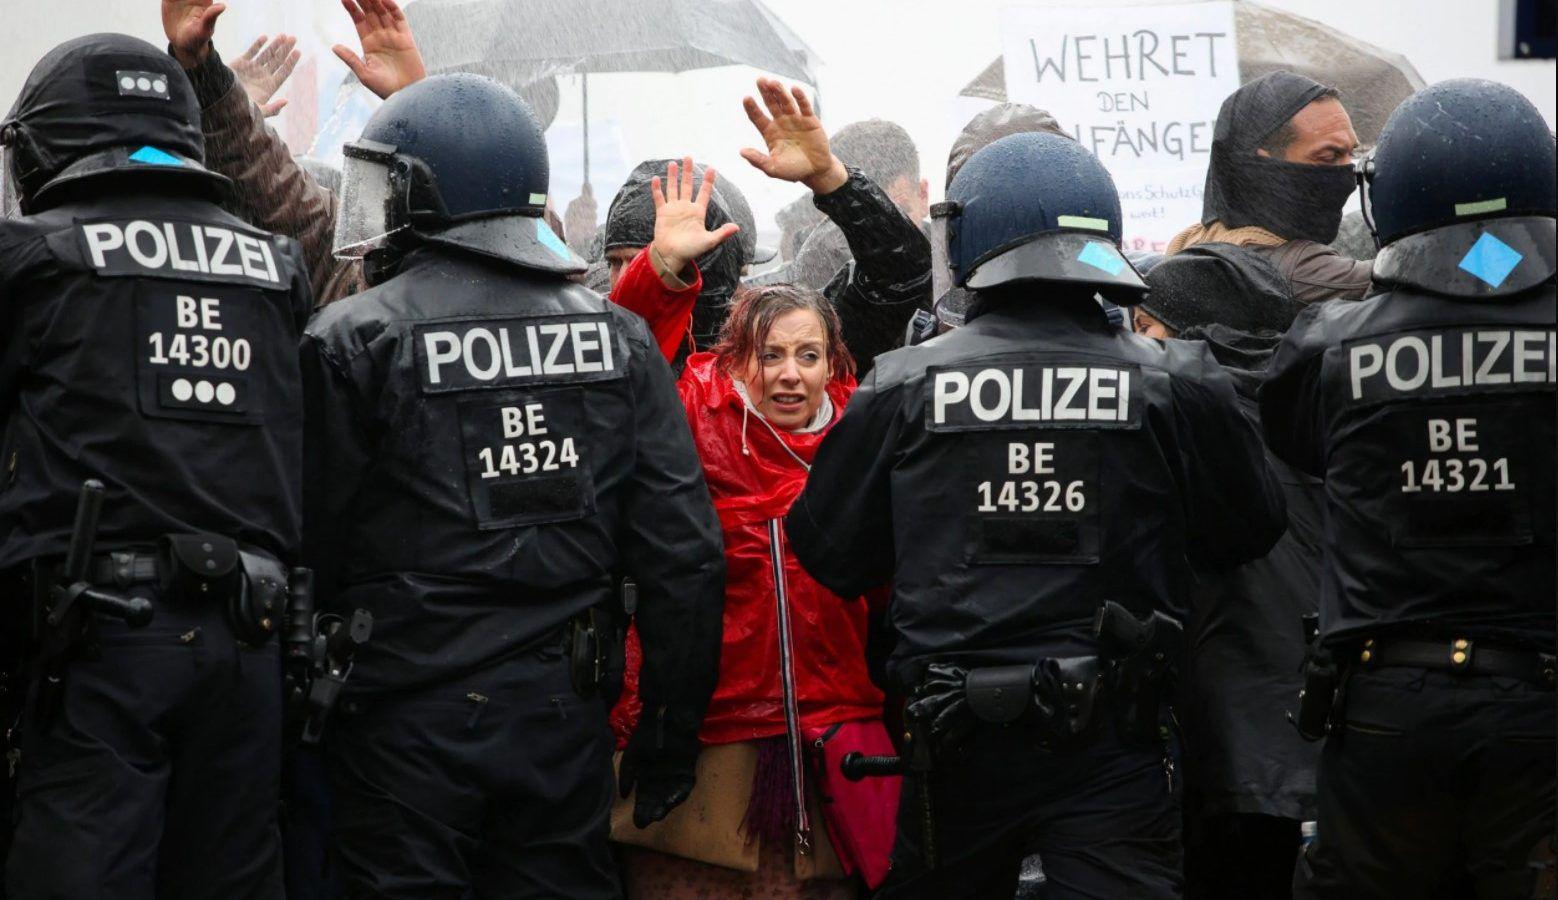 Levantamientos: Las protestas contra el confinamiento se están extendiendo por toda Europa